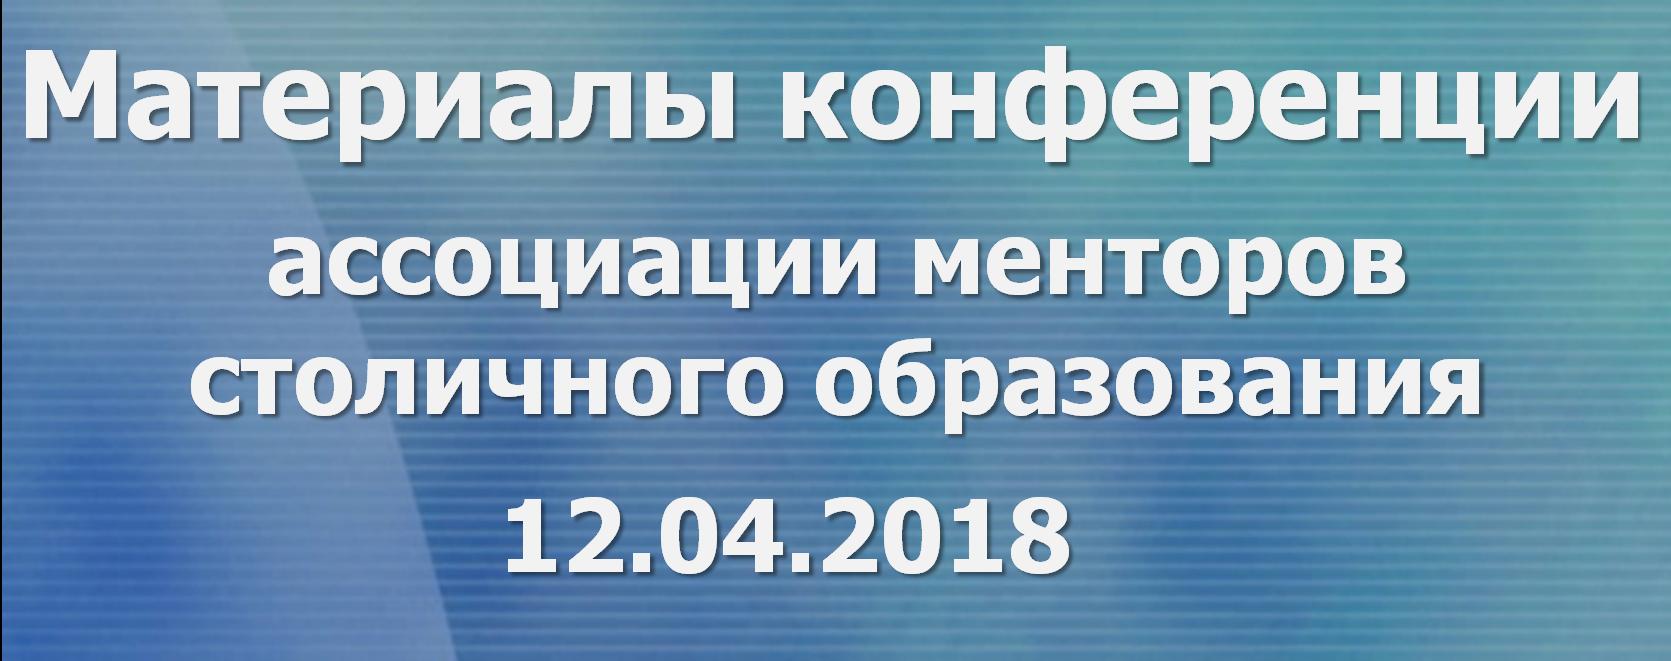 Материалы конференции ассоциации менторов столичного образования 12.04.2018